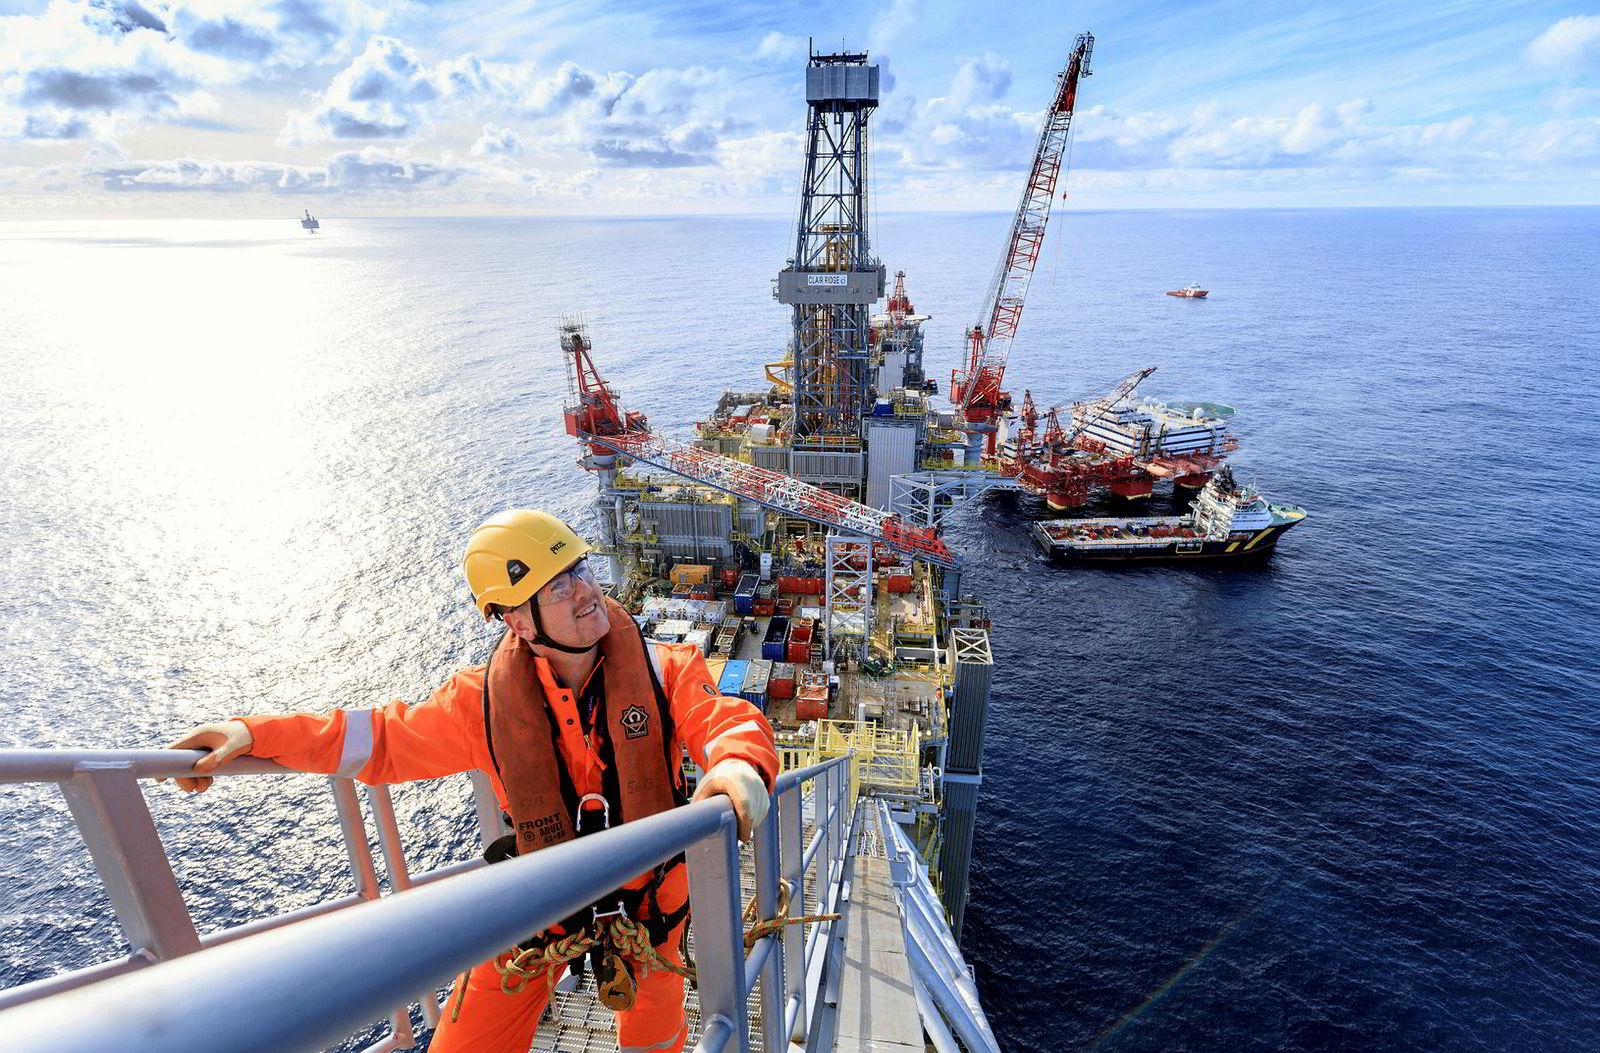 Комплексная безопасность и защищенность объектов промышленности, нефтегазового сектора и электроэнергетики